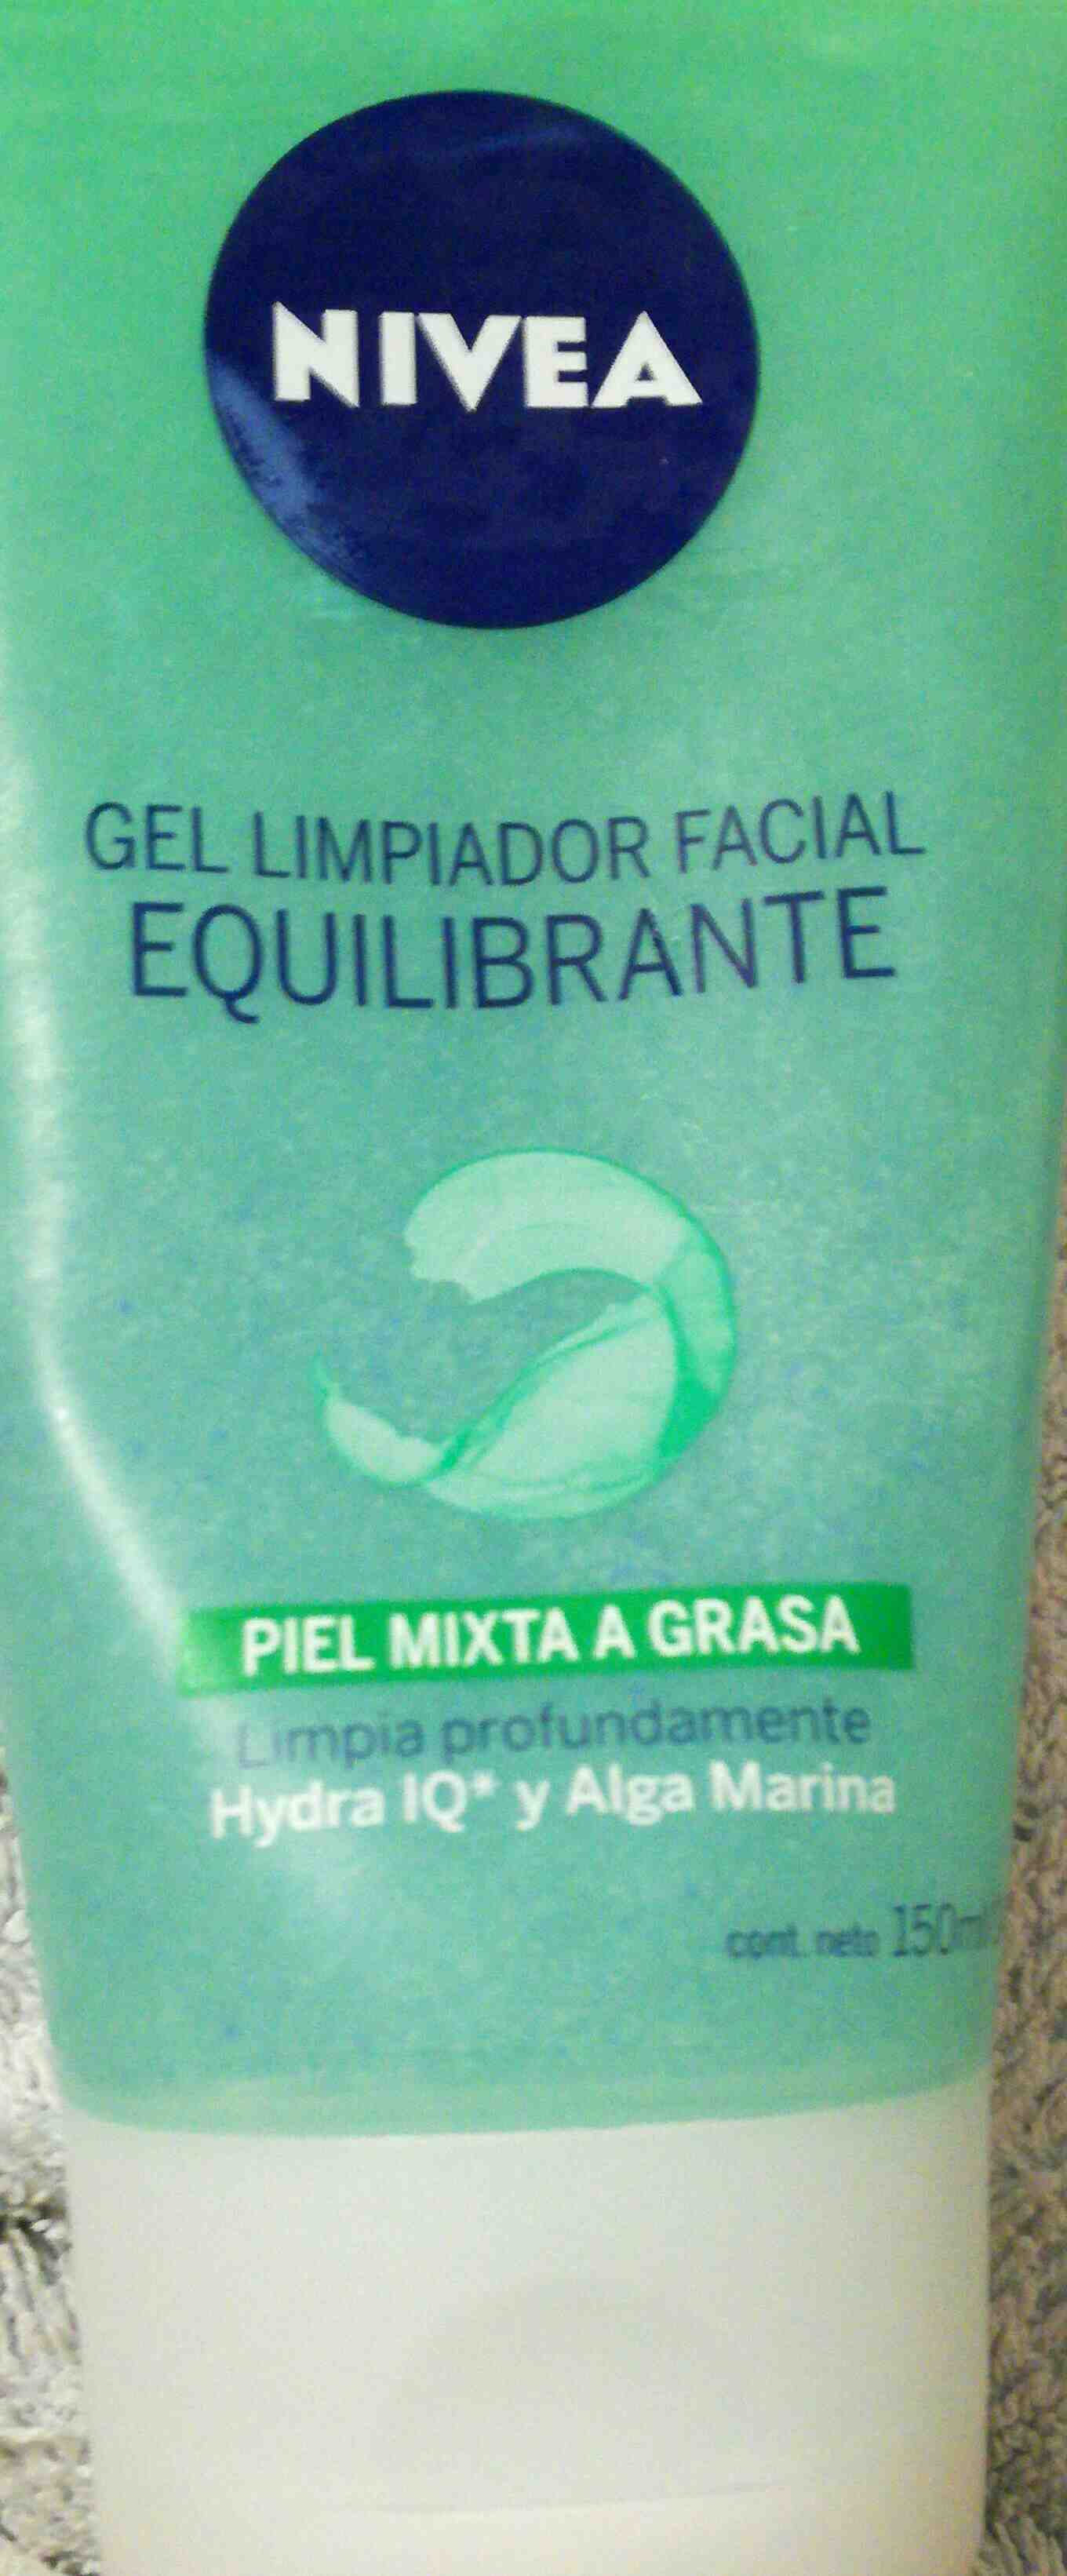 nivea gel limpiador facial equilibrante - Product - en